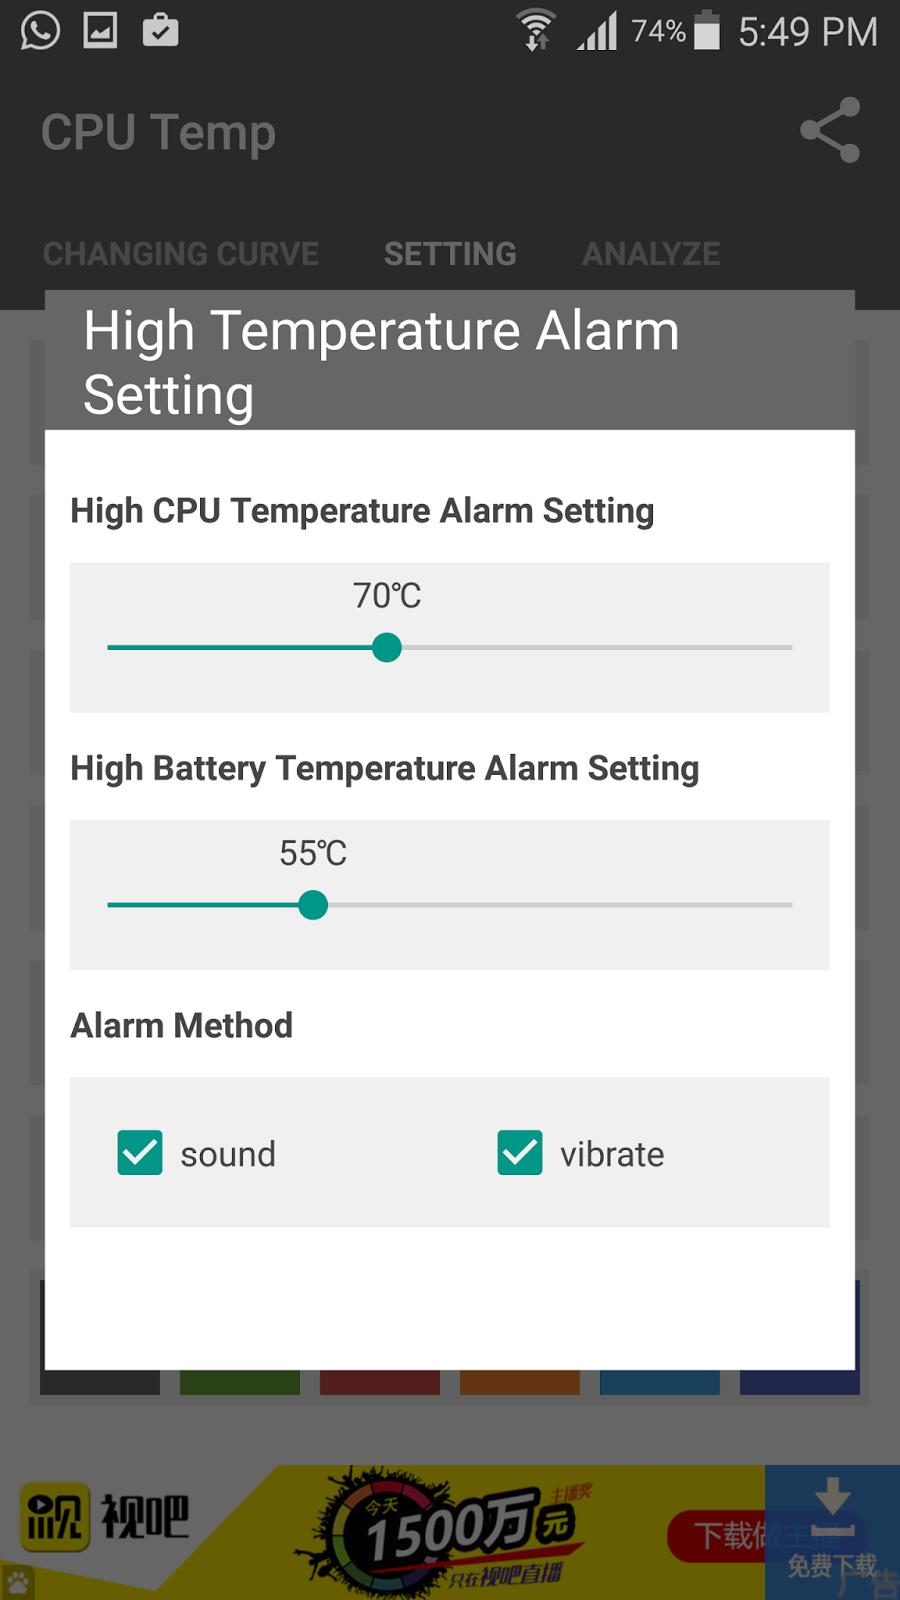 تطبيق سيحذرك قبل انفجار جوالك عبر مراقبة درجة حرارة الجوال | بحرية درويد